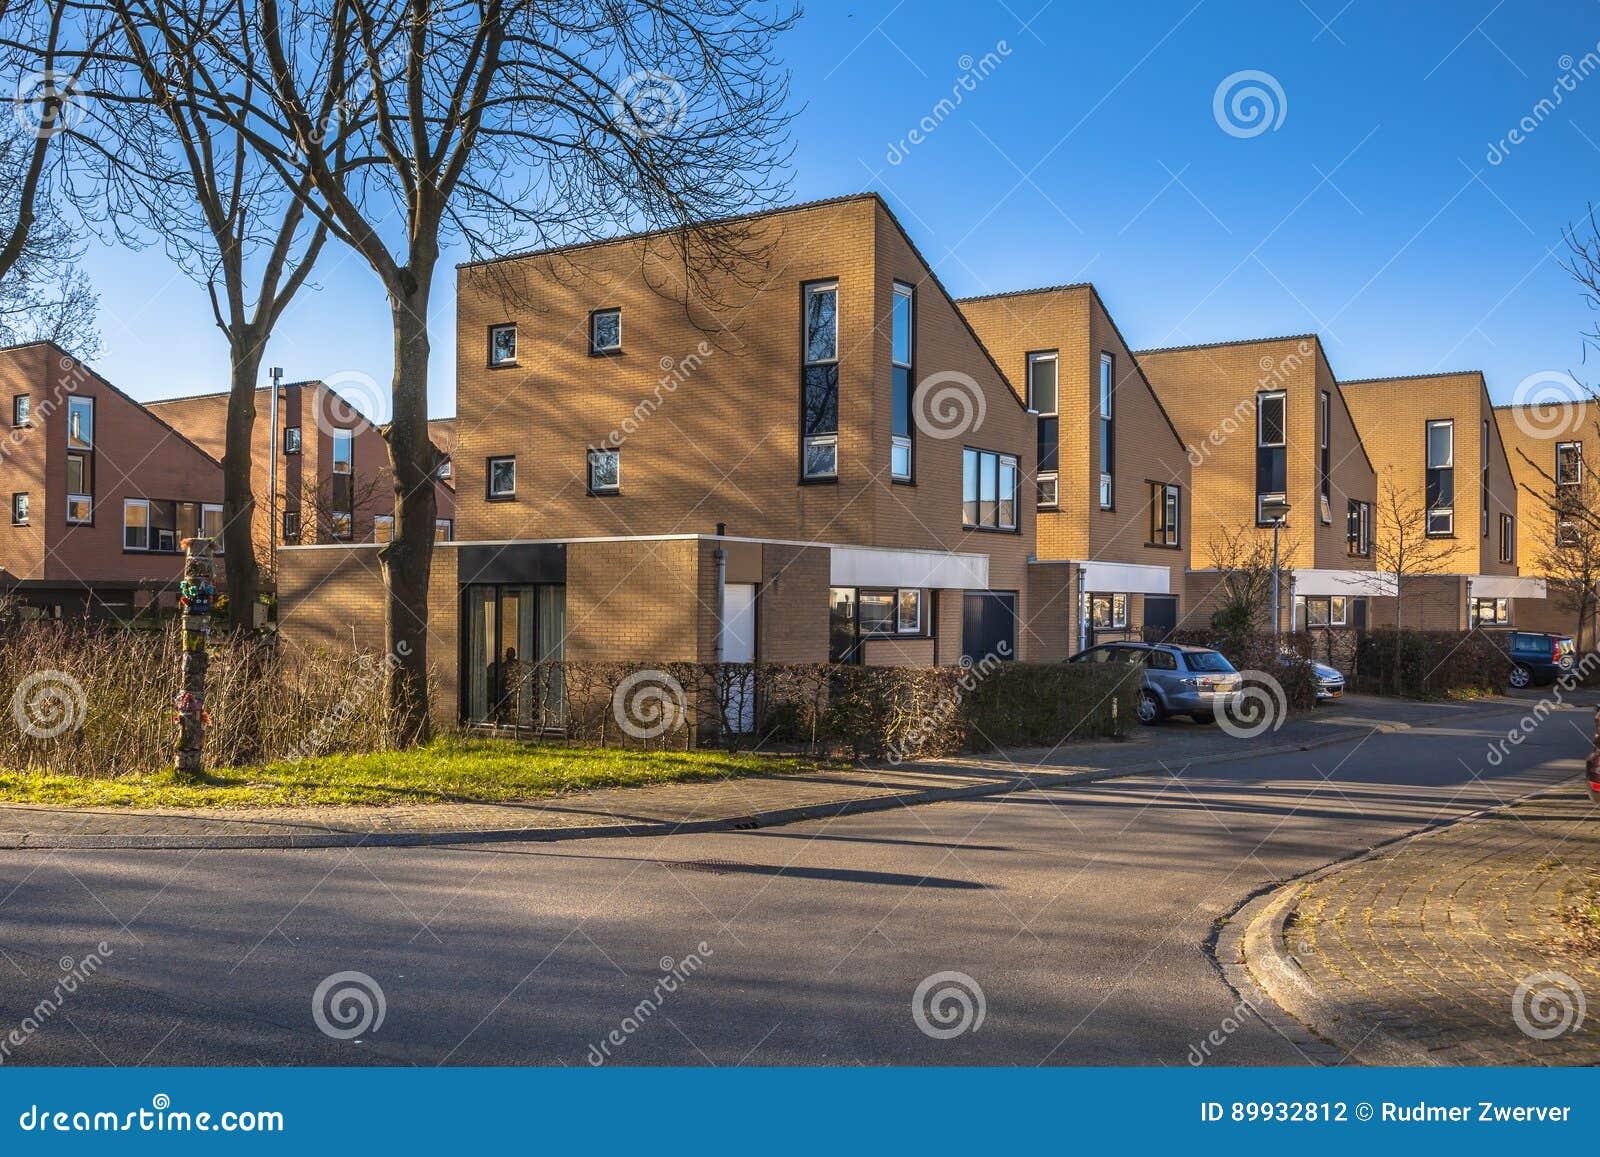 Eigentijdse huizen in een vriendschappelijke buurt redactionele